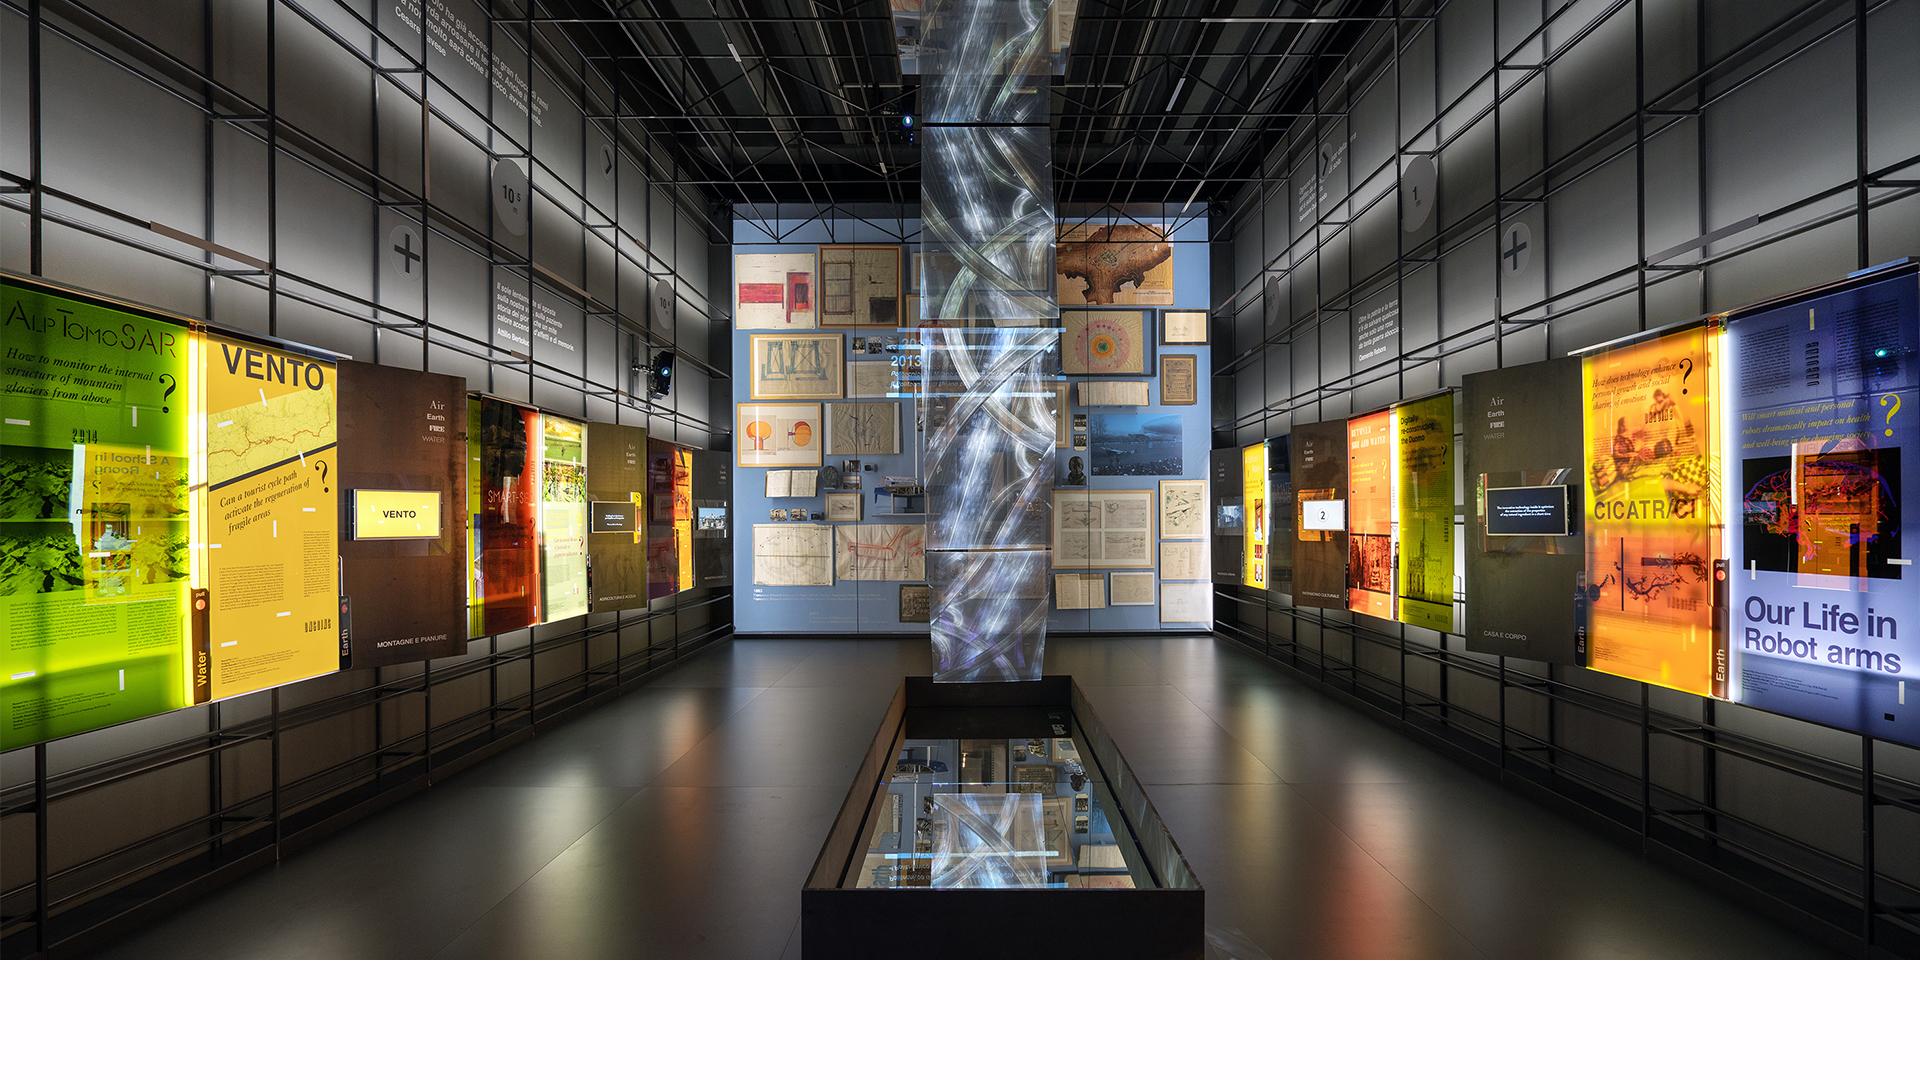 Migliori Libri Interior Design migliore+servetto architects by ico migliore e mara servetto